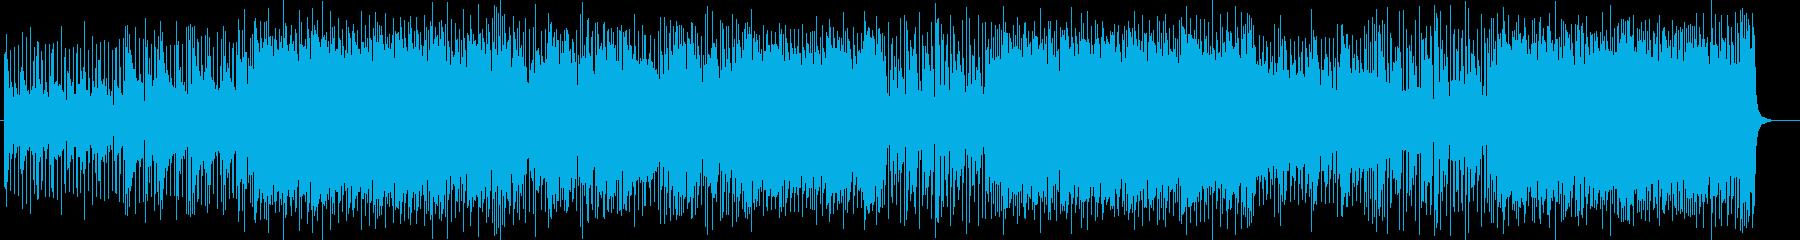 疾走感と爽やかなシンセサウンドの再生済みの波形